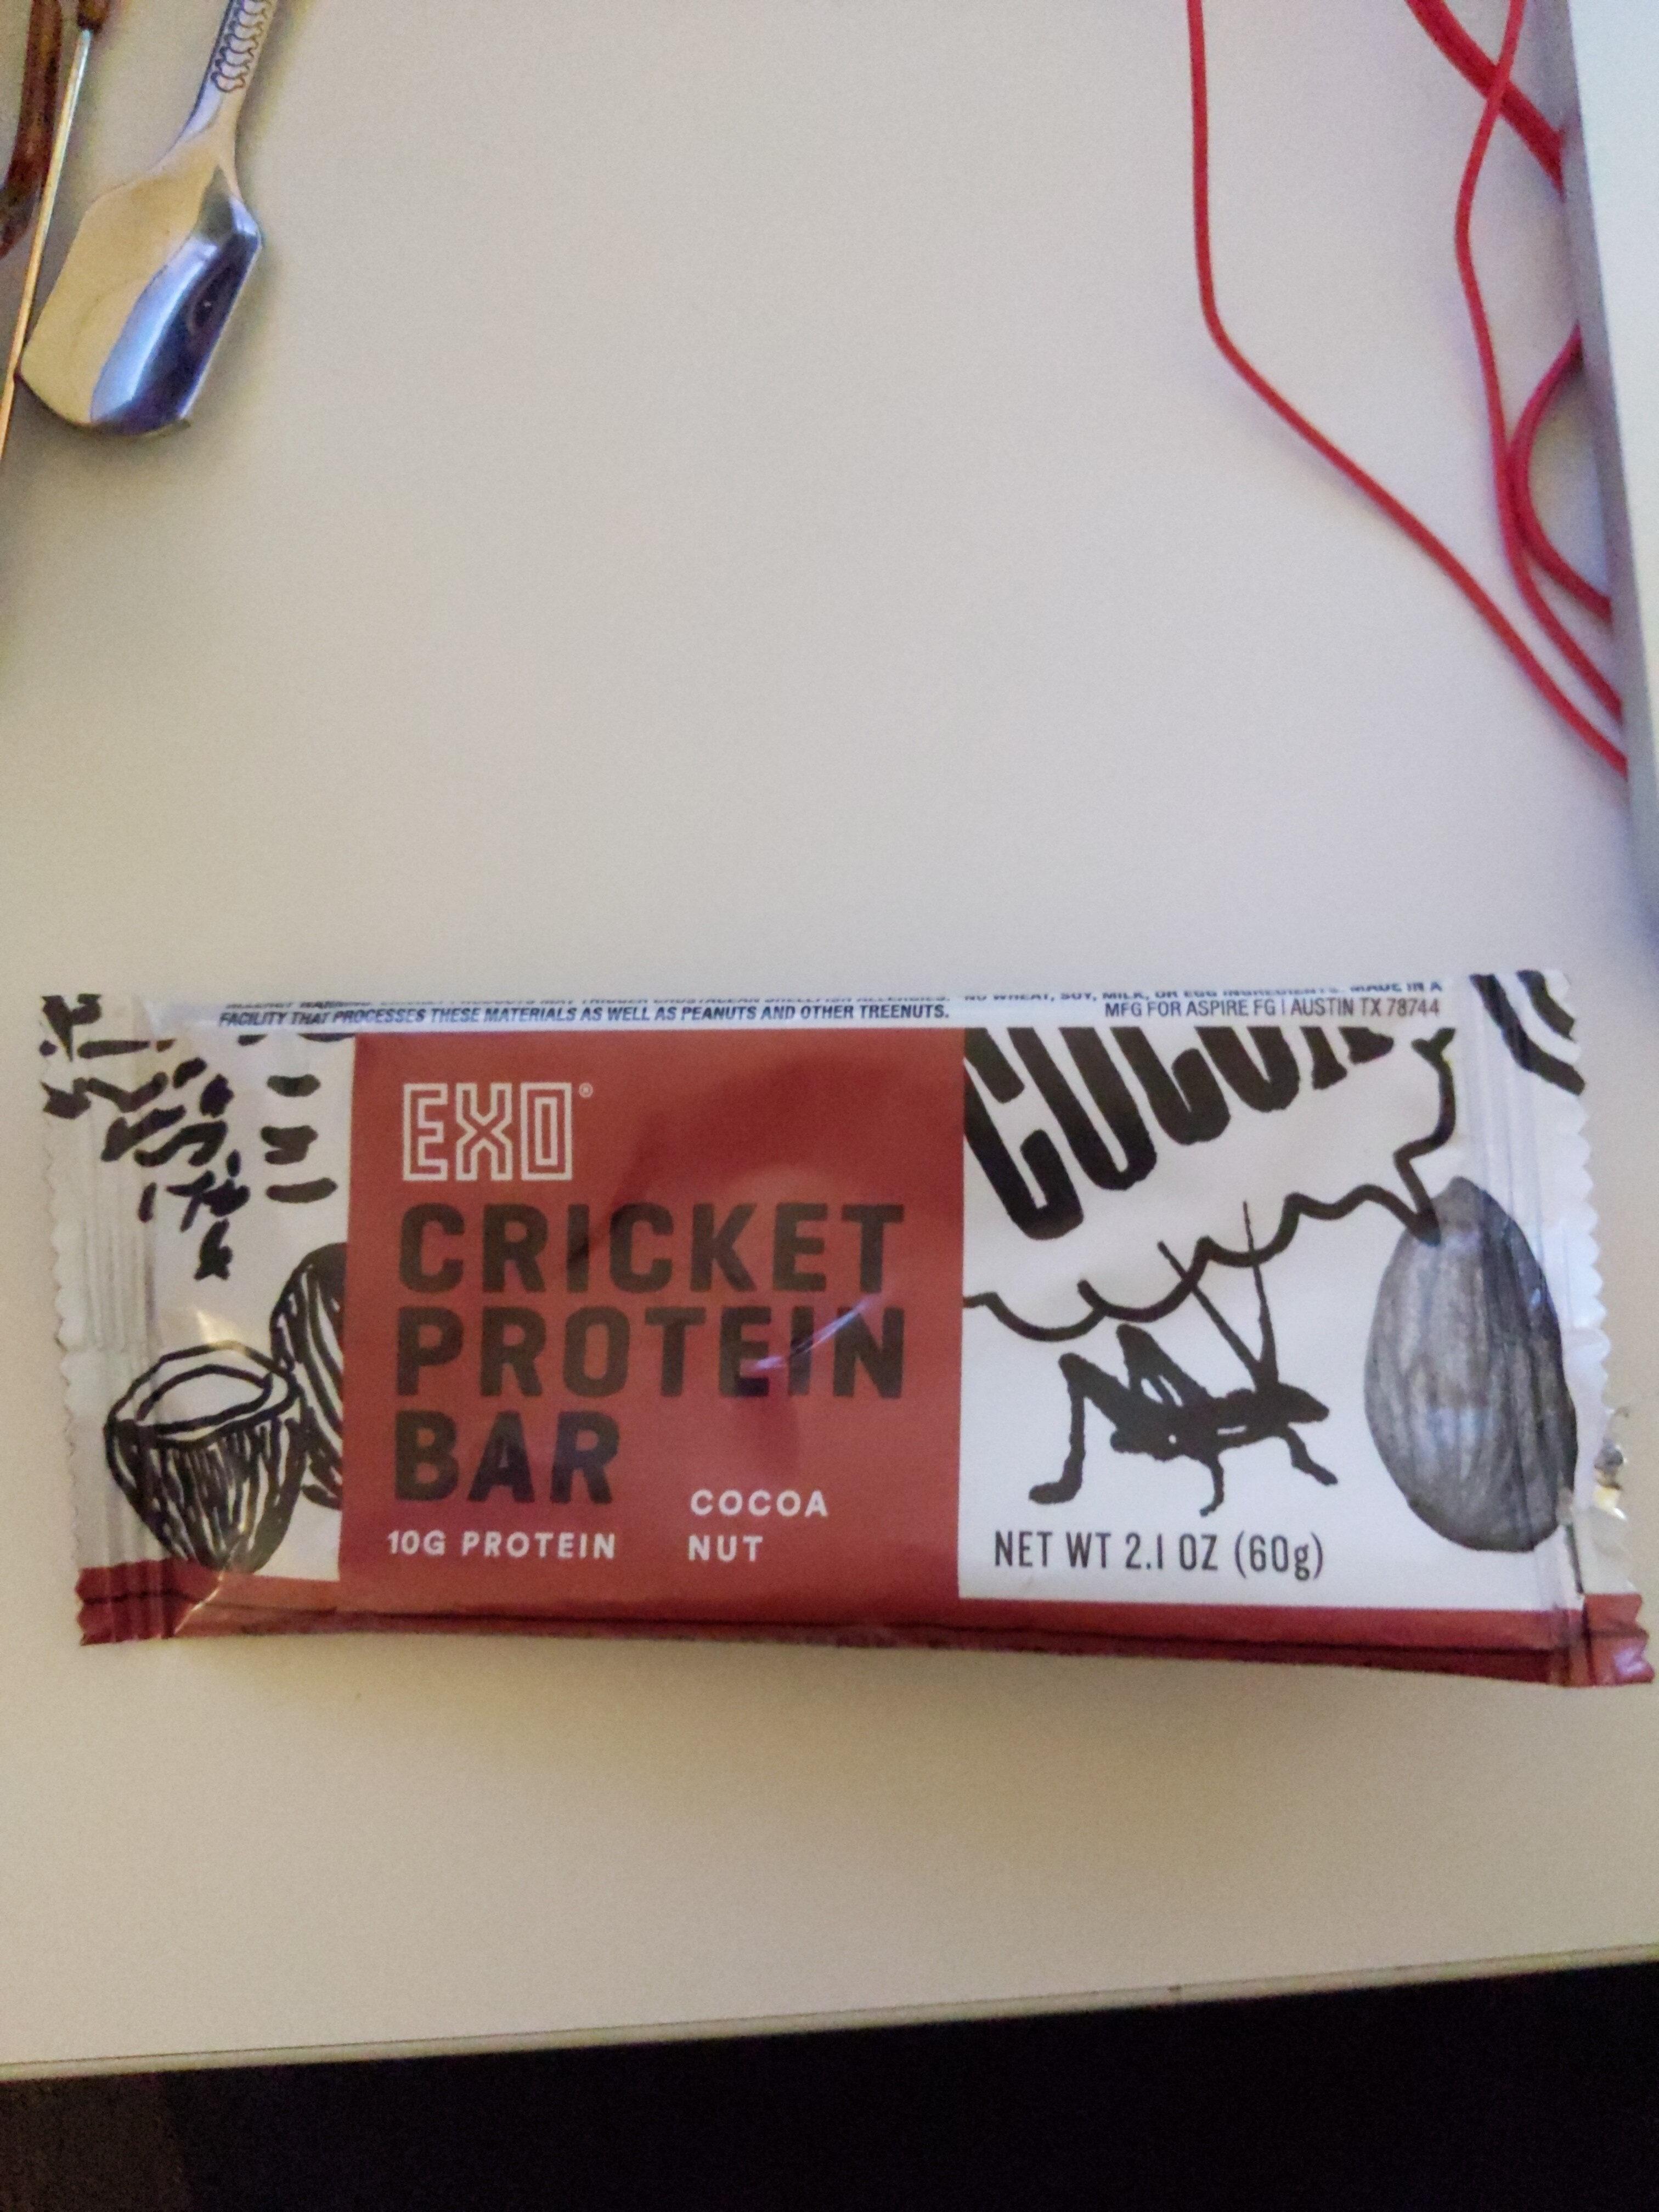 EXO Cricket Protein Bar Cocoa Nut - Product - en